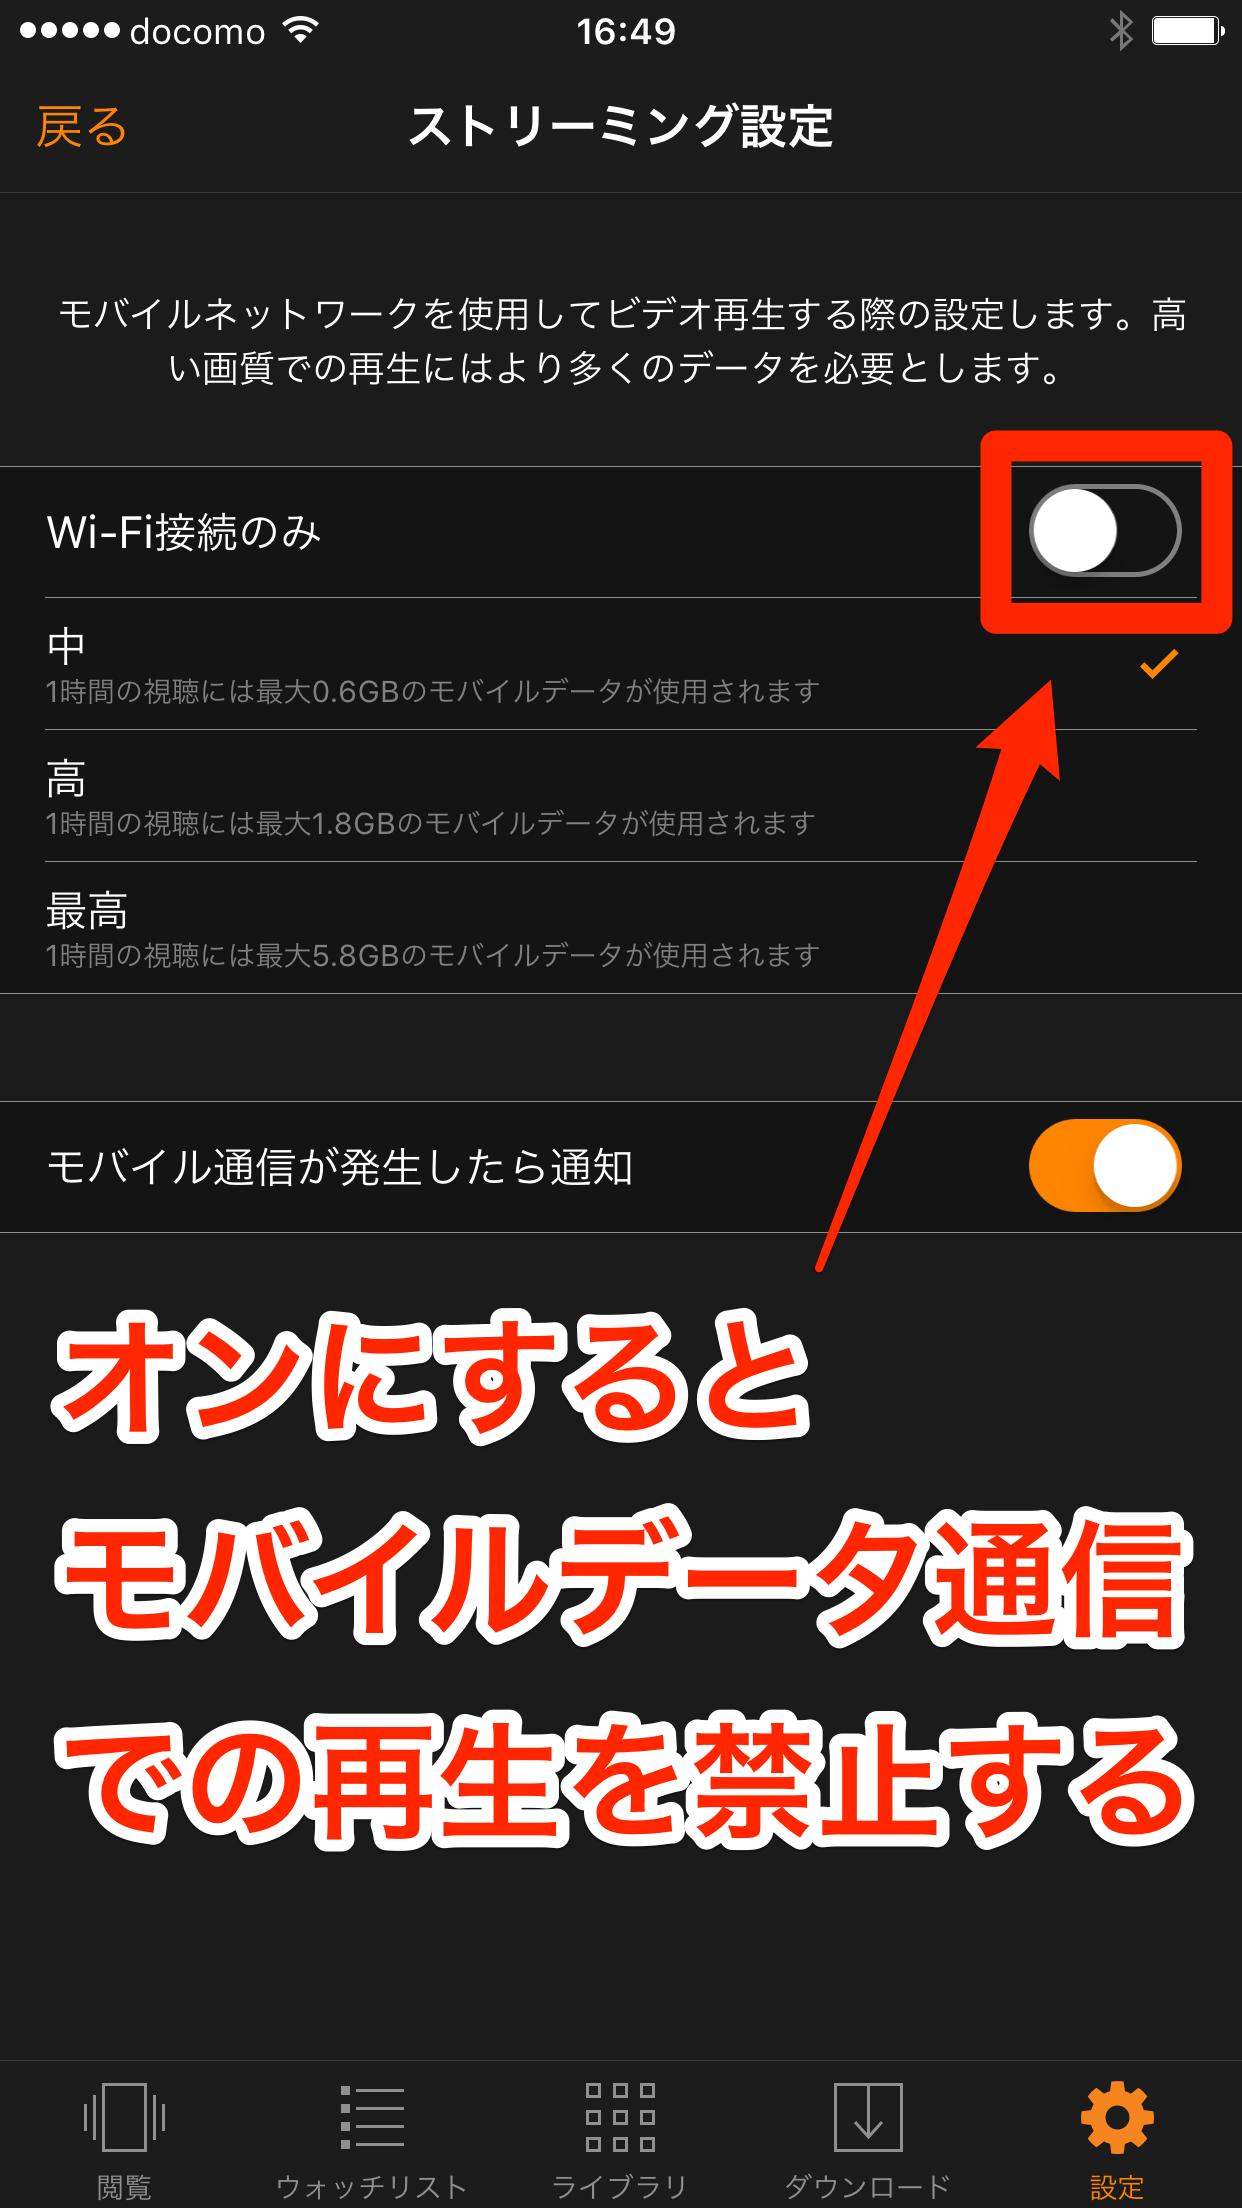 モバイルデータ通信での視聴を制限するには